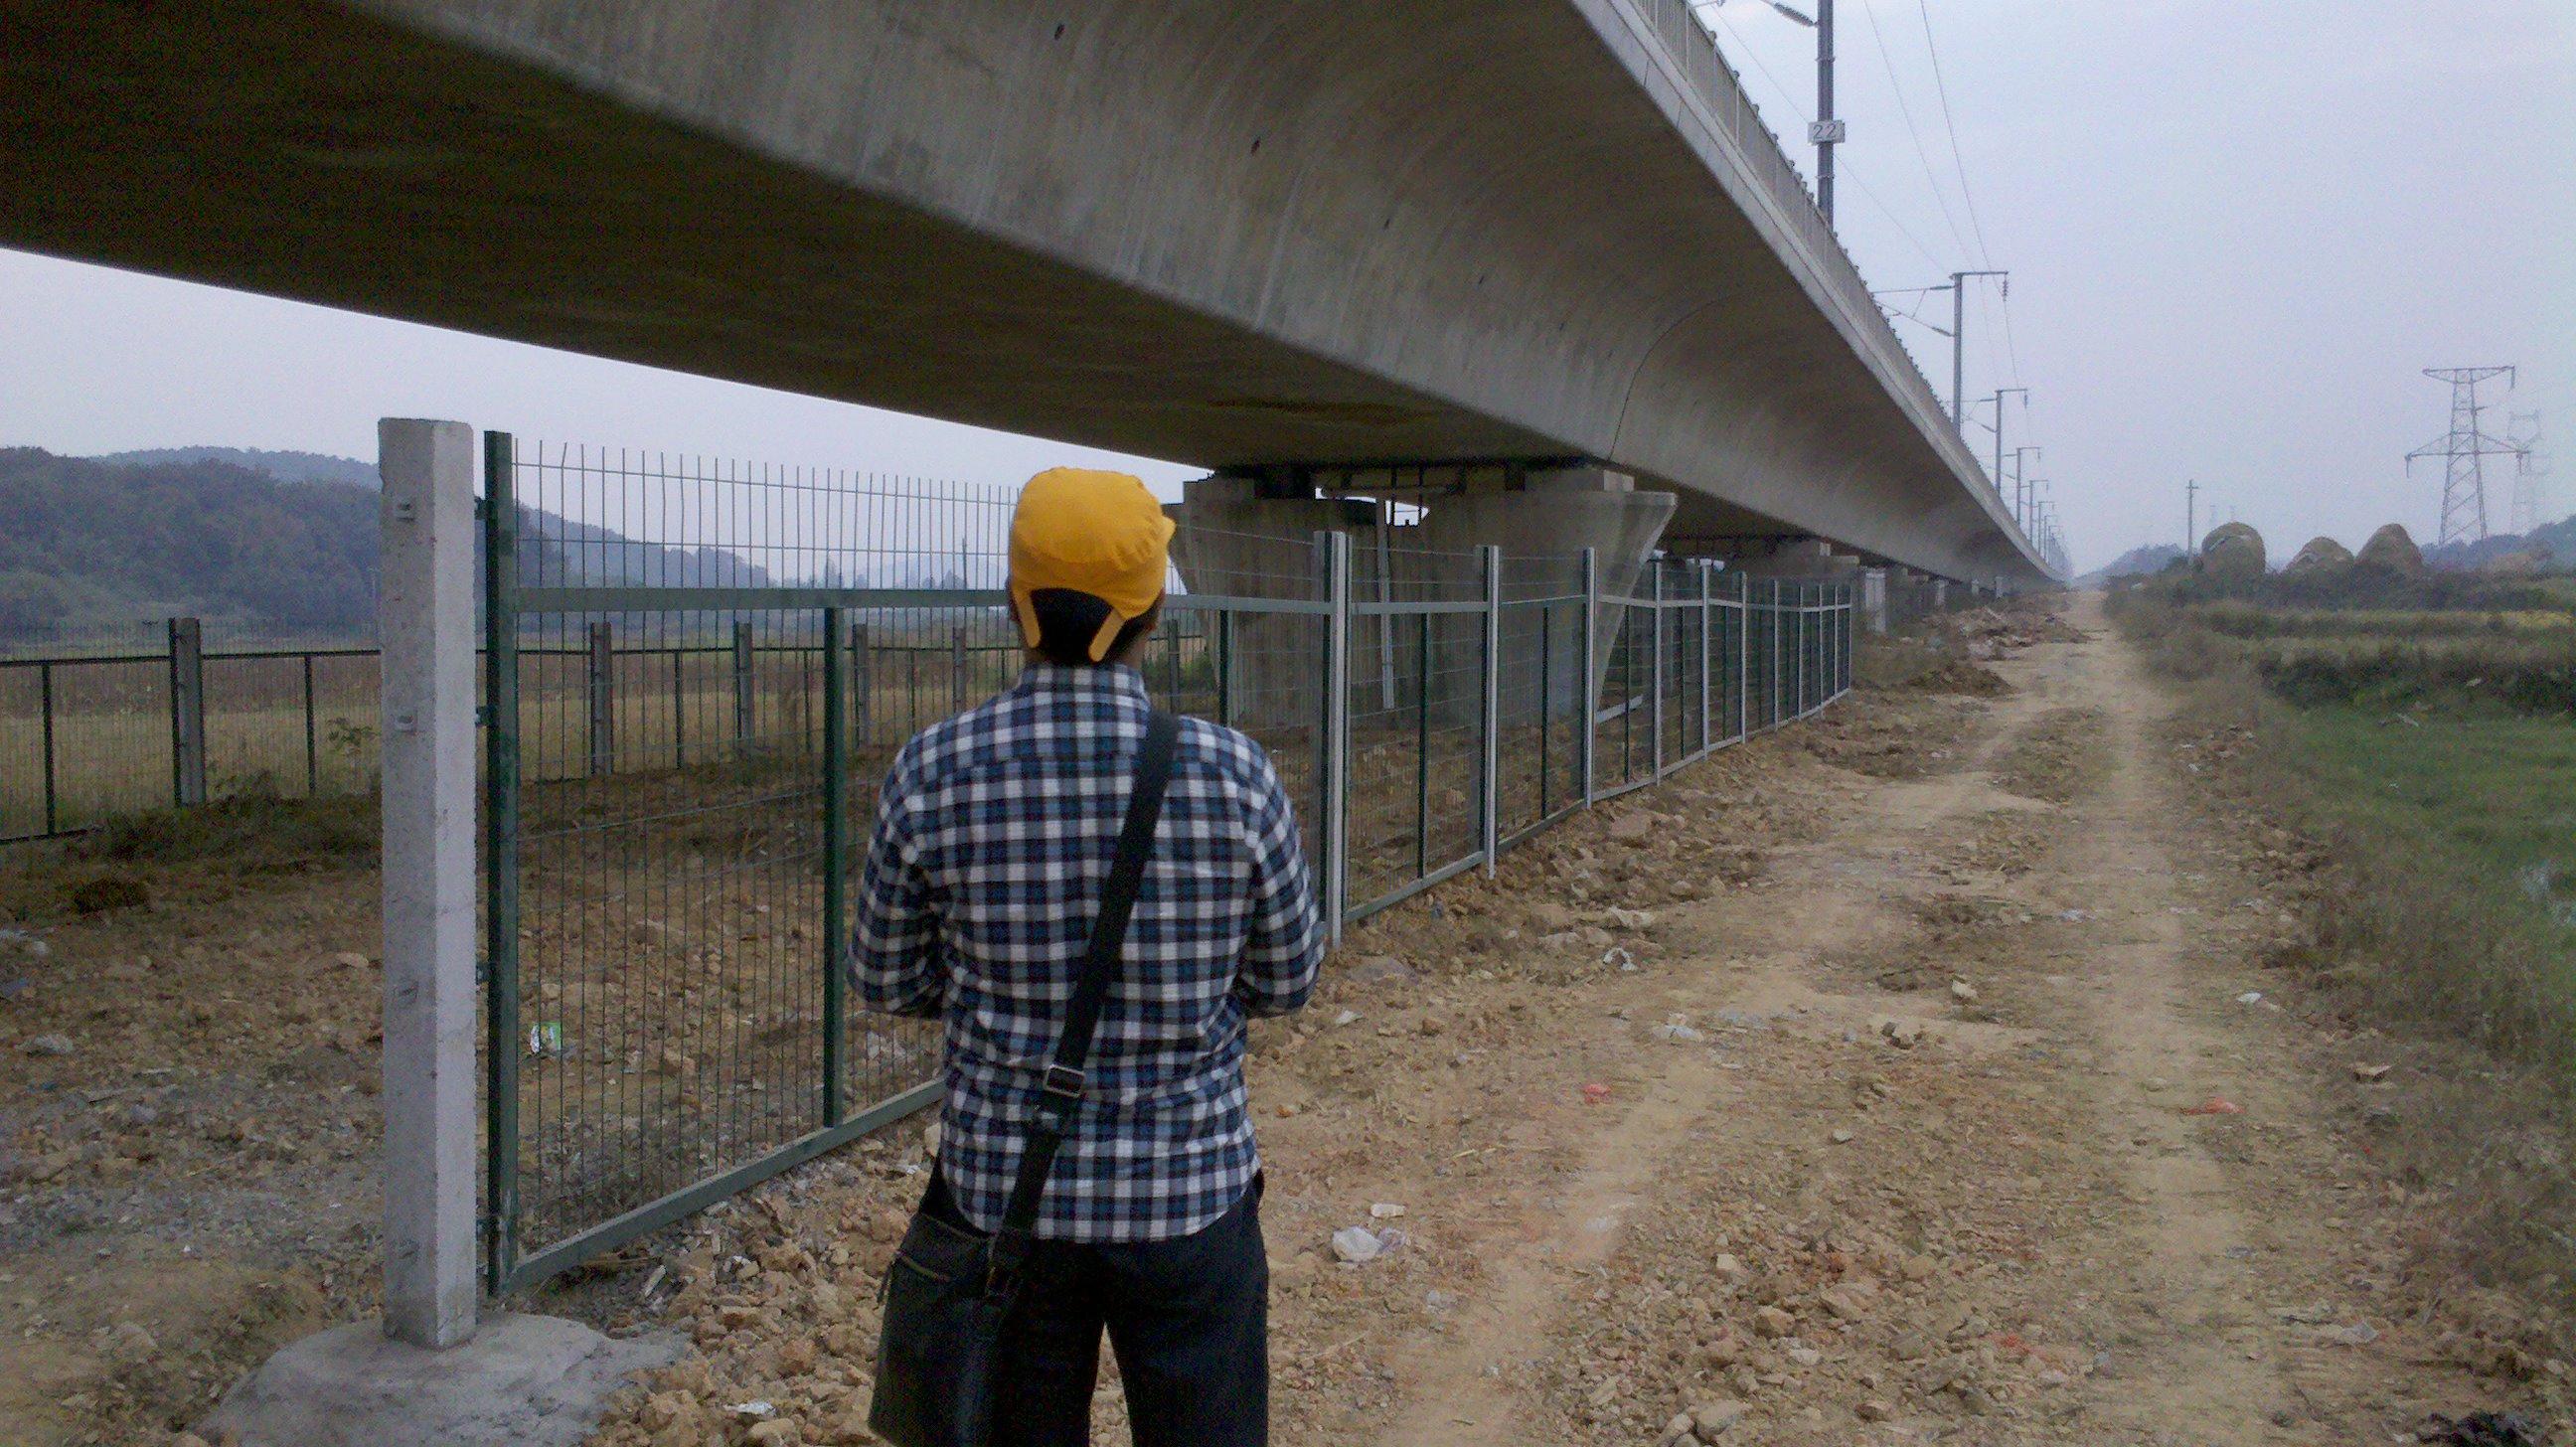 高速铁路桥下防护栅栏通线(2012)8002)